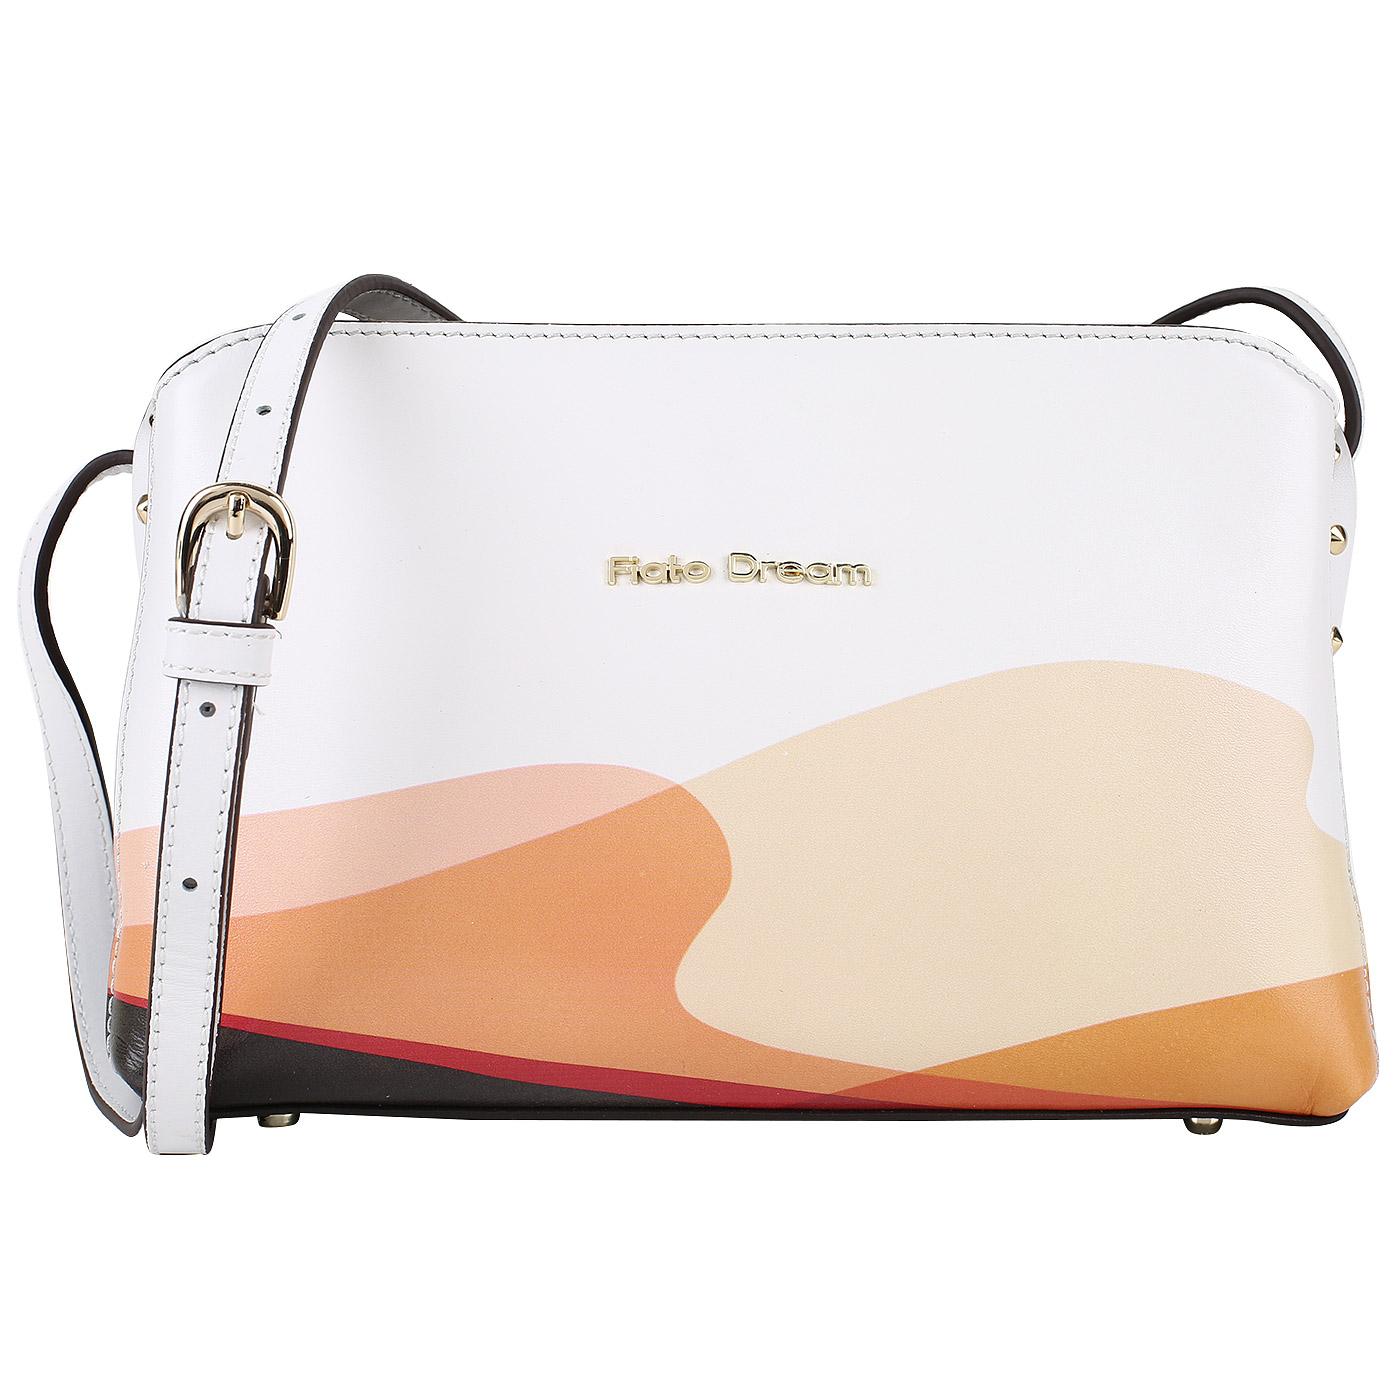 5d2493c30d99 Женская кожаная сумка с принтом Fiato Dream 1028 FD - 2000557886063 ...